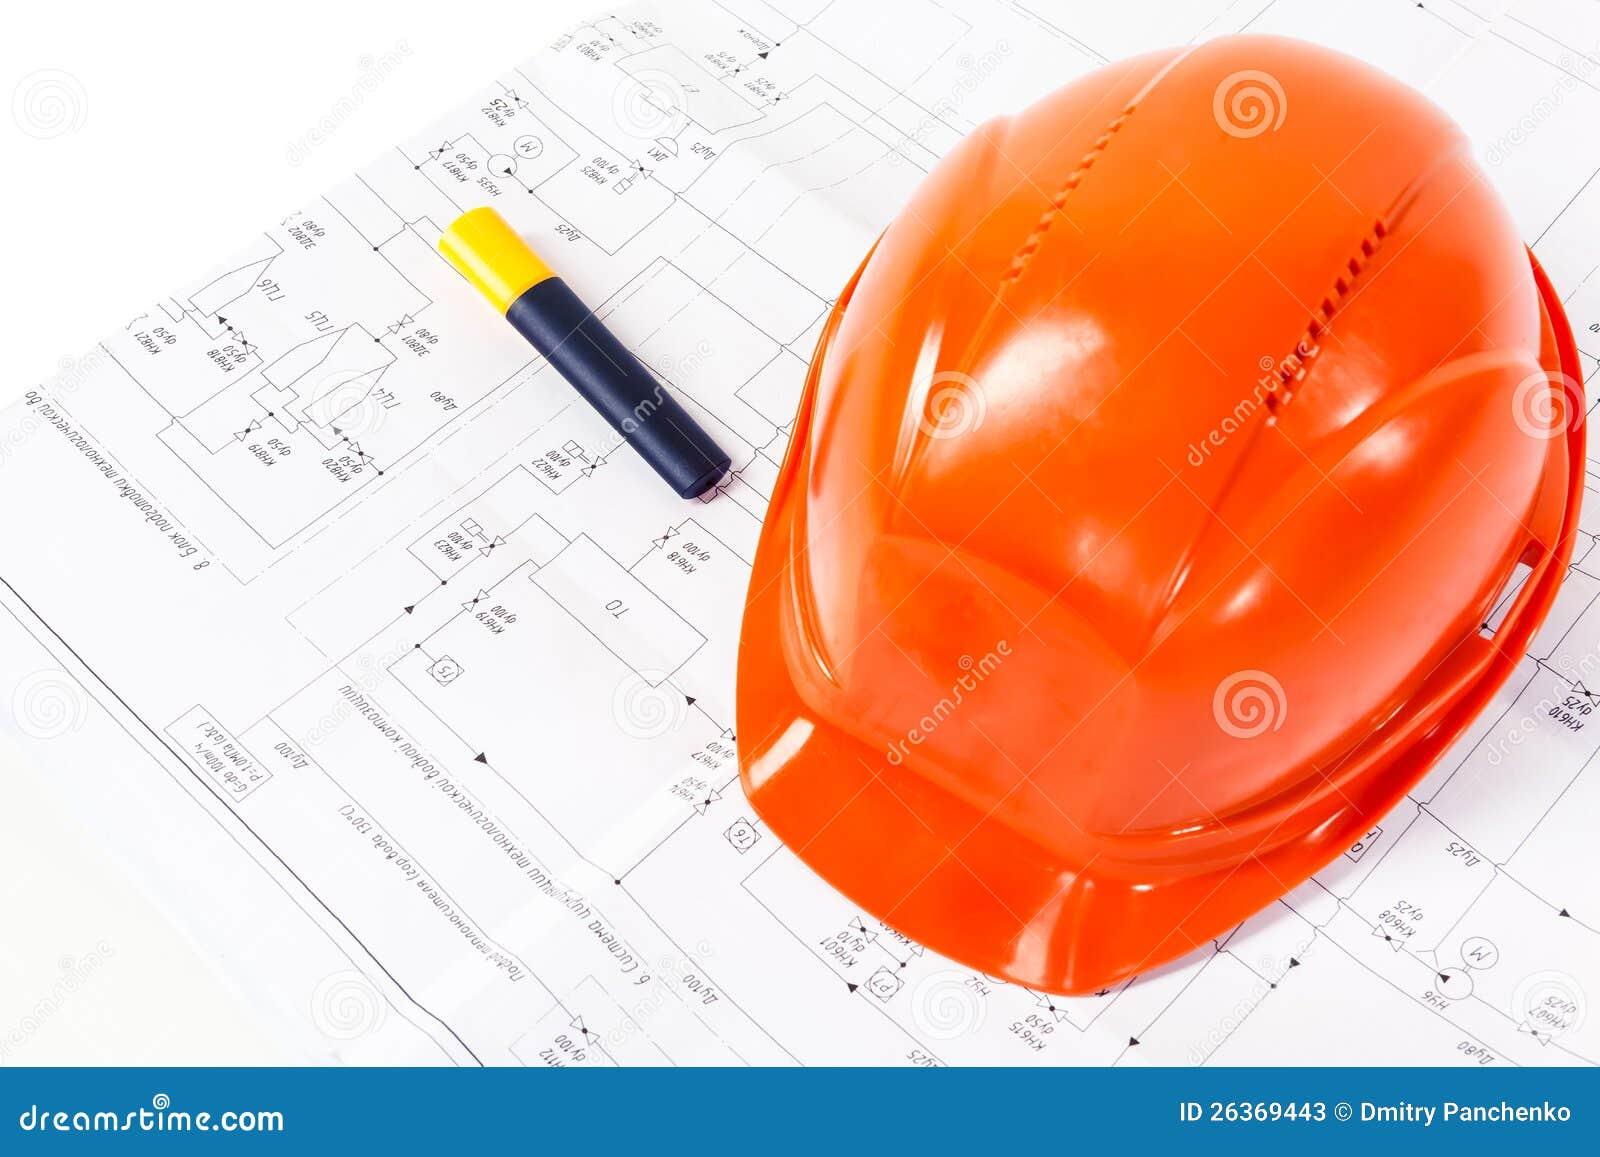 Illustrazioni architettoniche e casco arancione